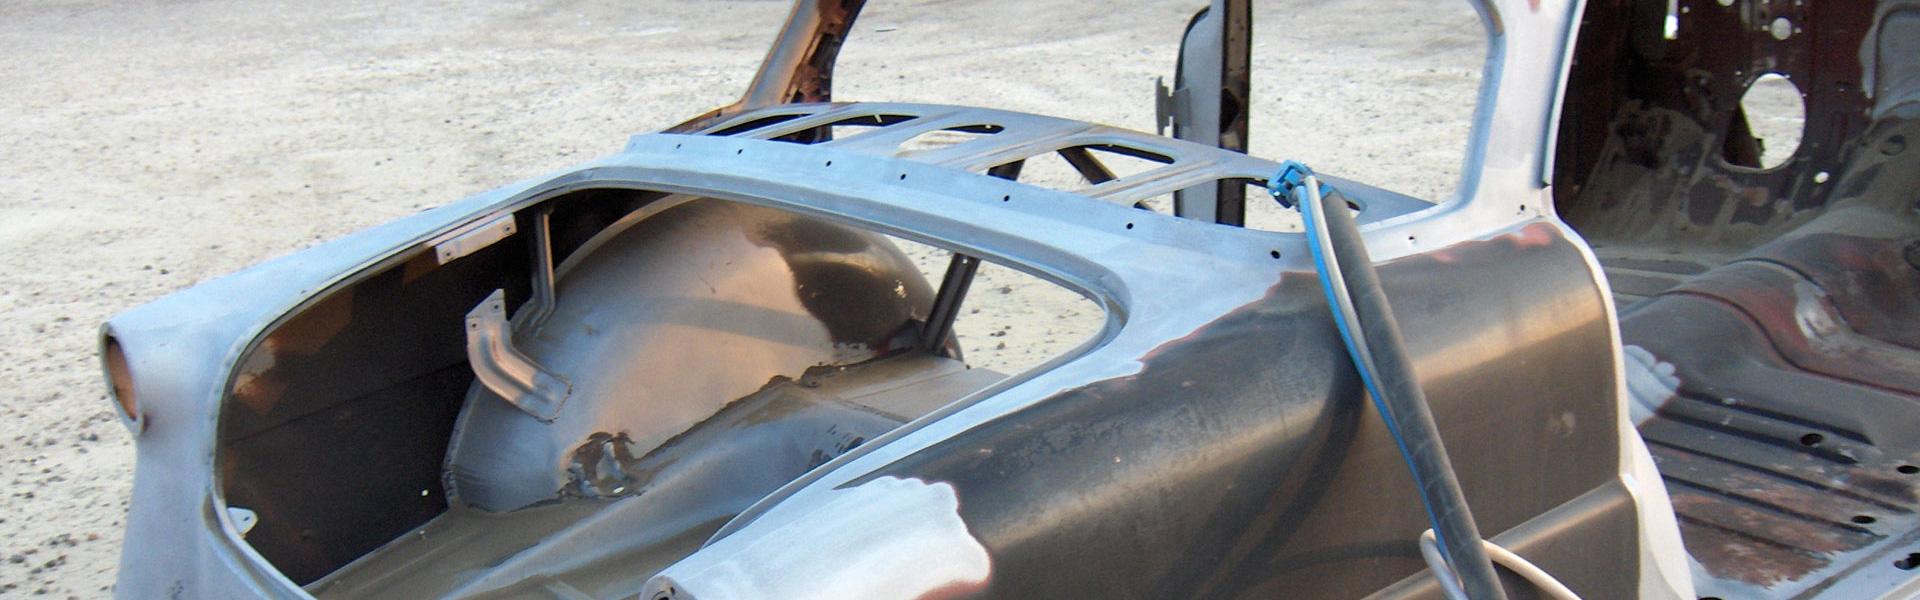 Décapage de carrosserie avec l'aérogommage